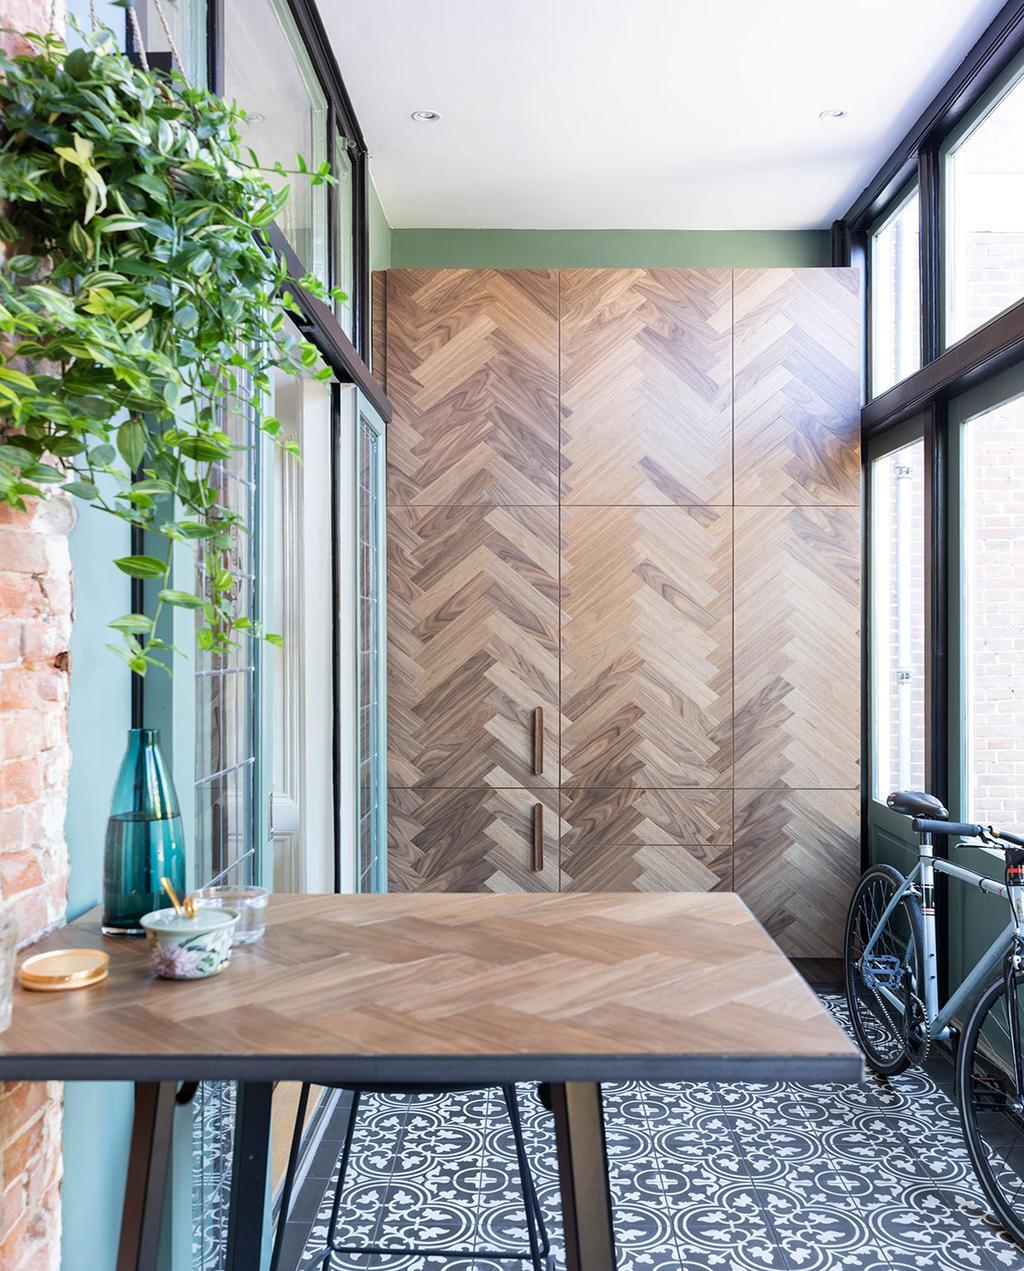 vtwonen 01-2021 | fiets tegen de muur, muur met visgraat patroon